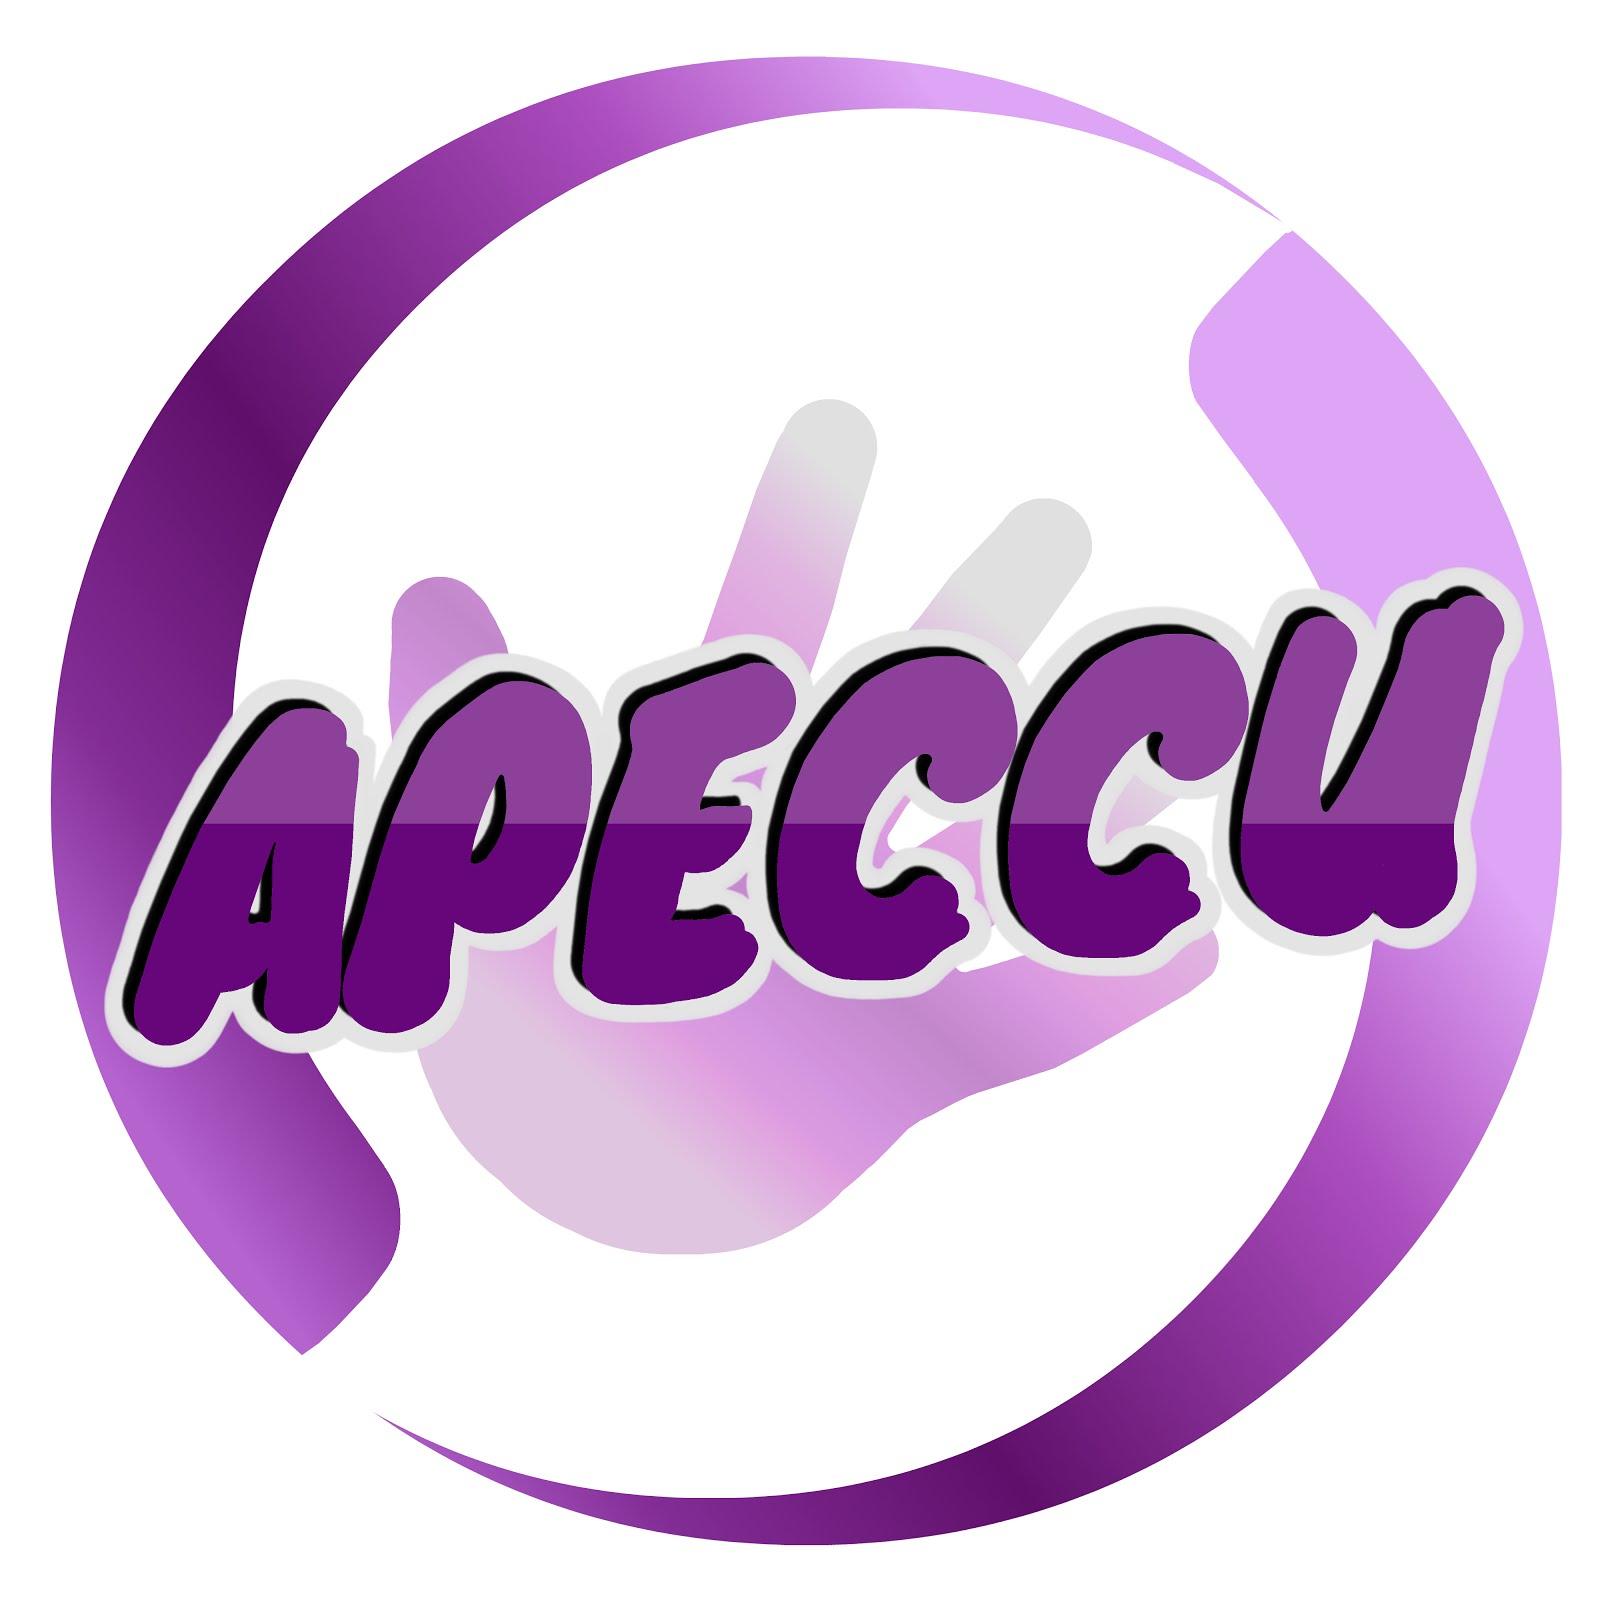 APECCU ALICANTE